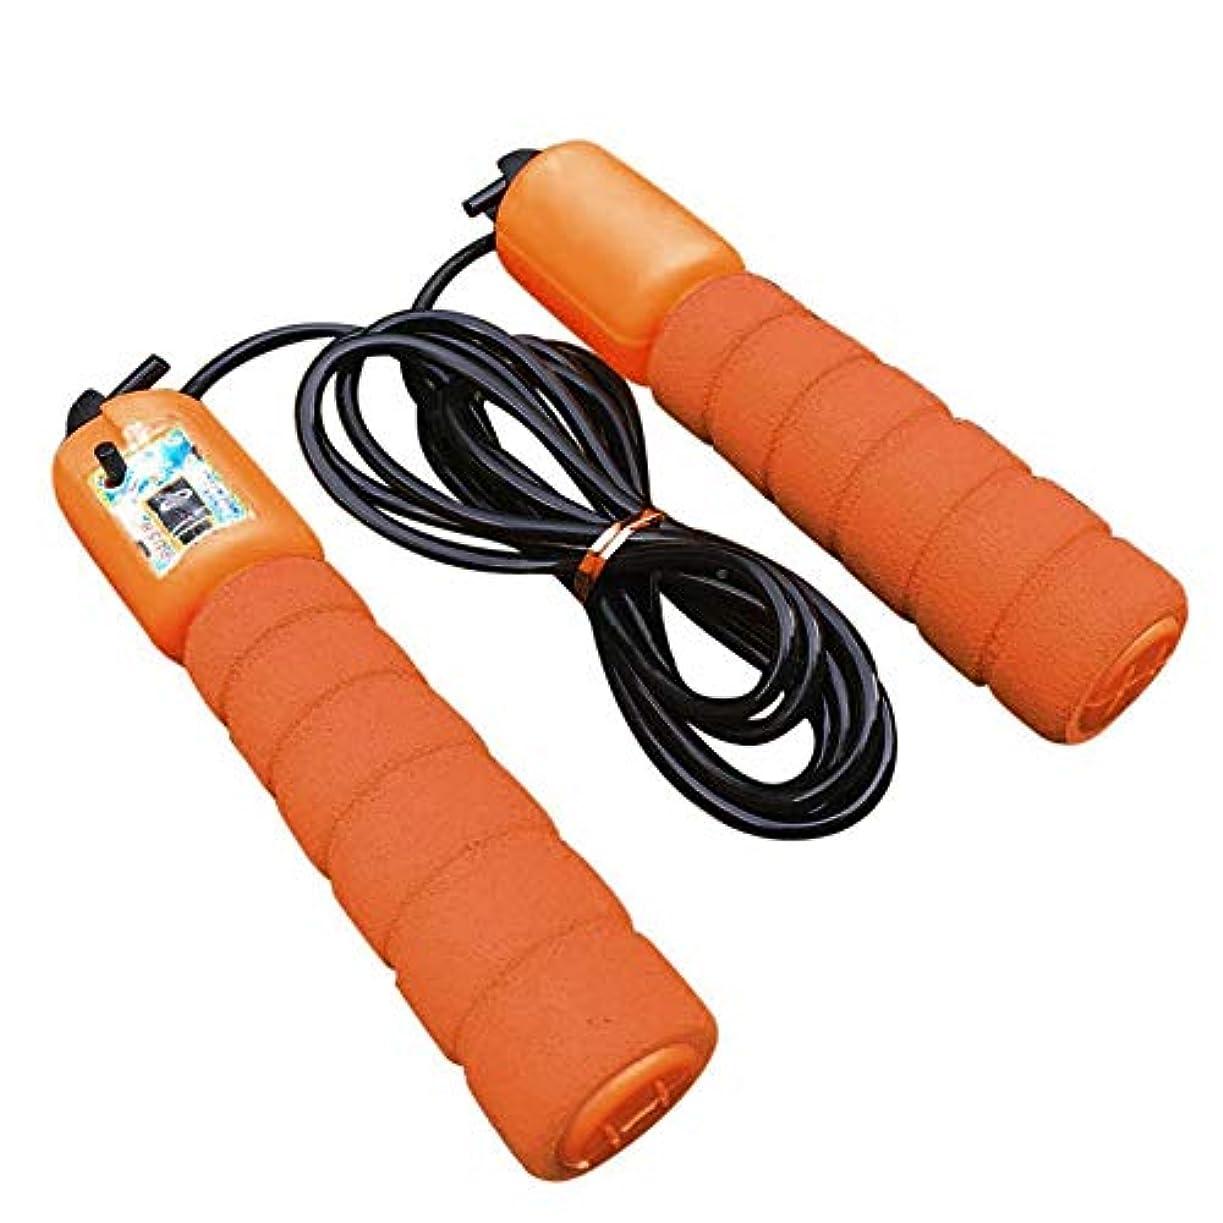 プラカードベアリングサークルヘッドレス調整可能なプロのカウント縄跳び自動カウントジャンプロープフィットネス運動高速カウントジャンプロープ - オレンジ